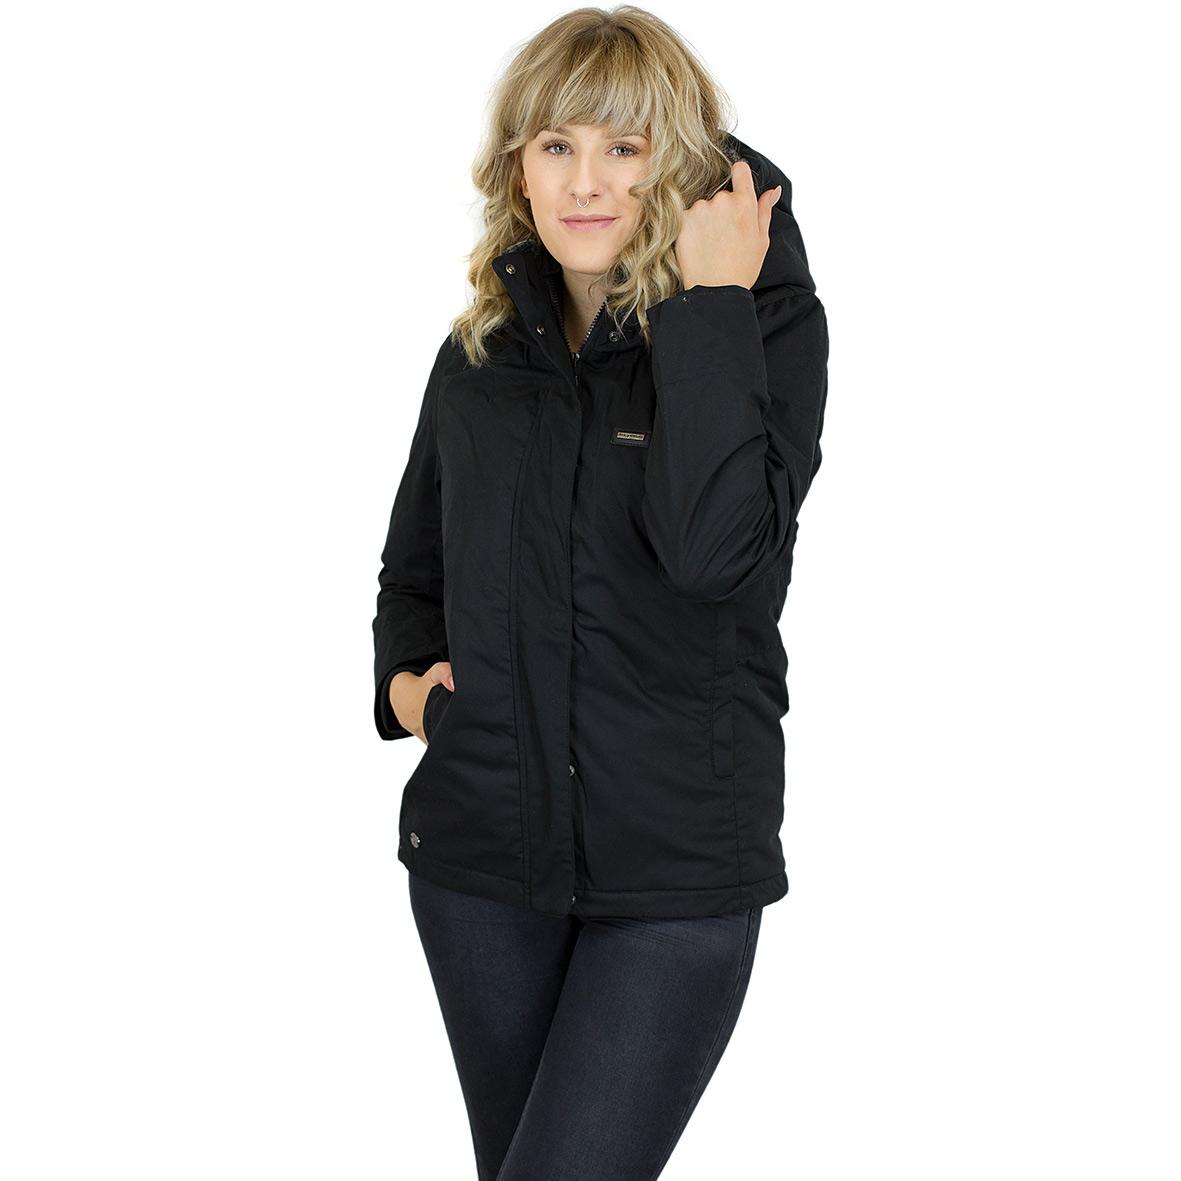 75fe04391718ed ☆ Mazine Damen Winterjacke Kimberley schwarz - hier bestellen!